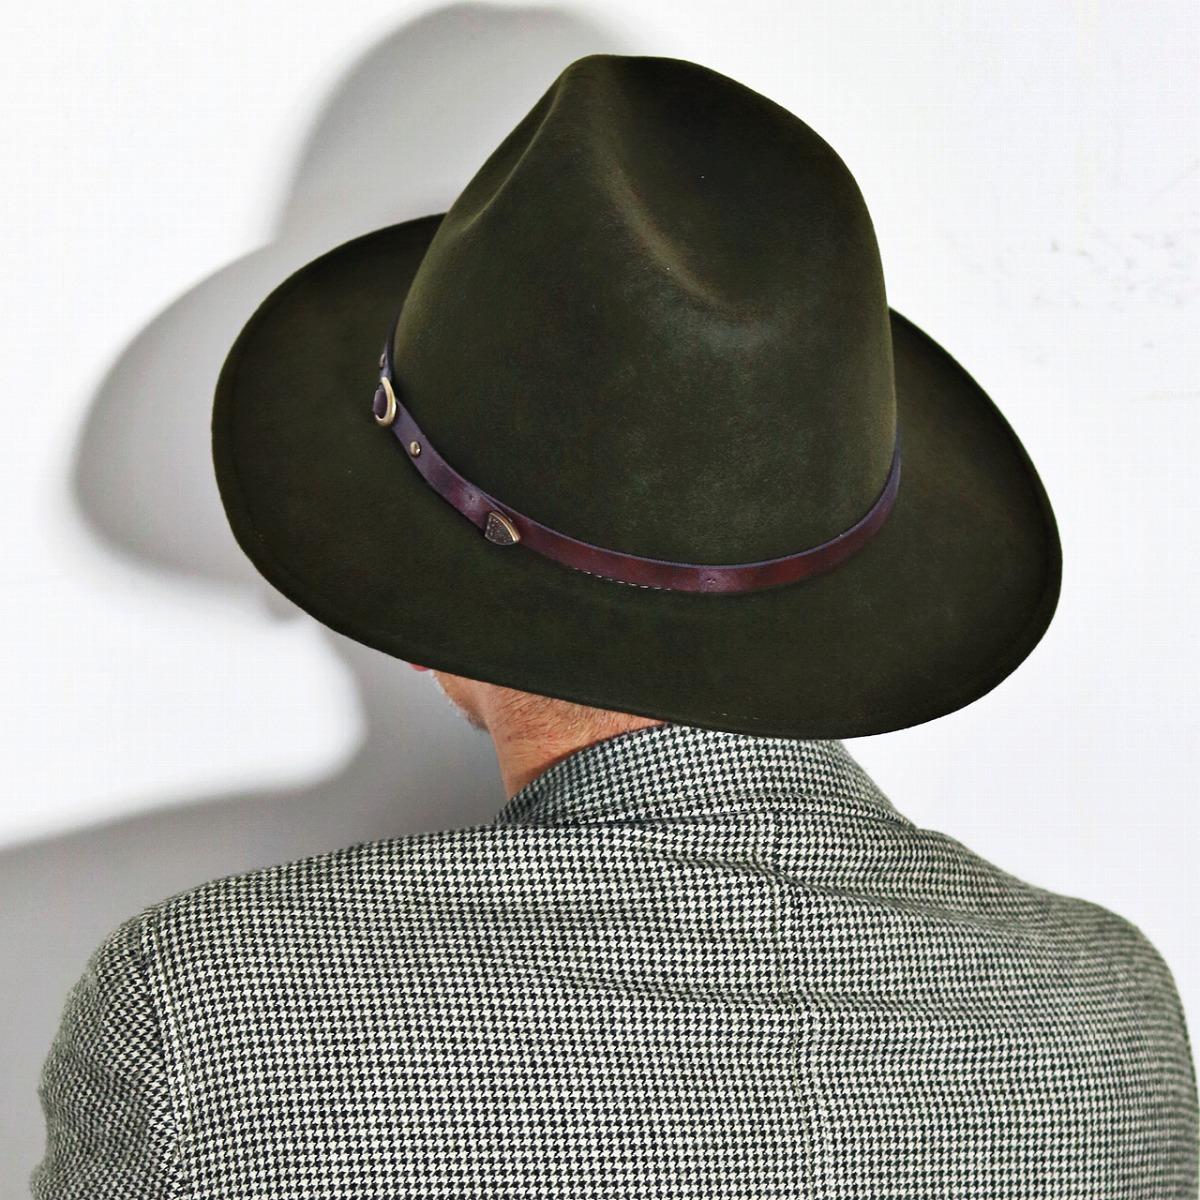 bf0f84e31e6d85 ... Christie's hat men's wide brim Christie's London brim wide Hat autumn/winter  Safari Hat Hat